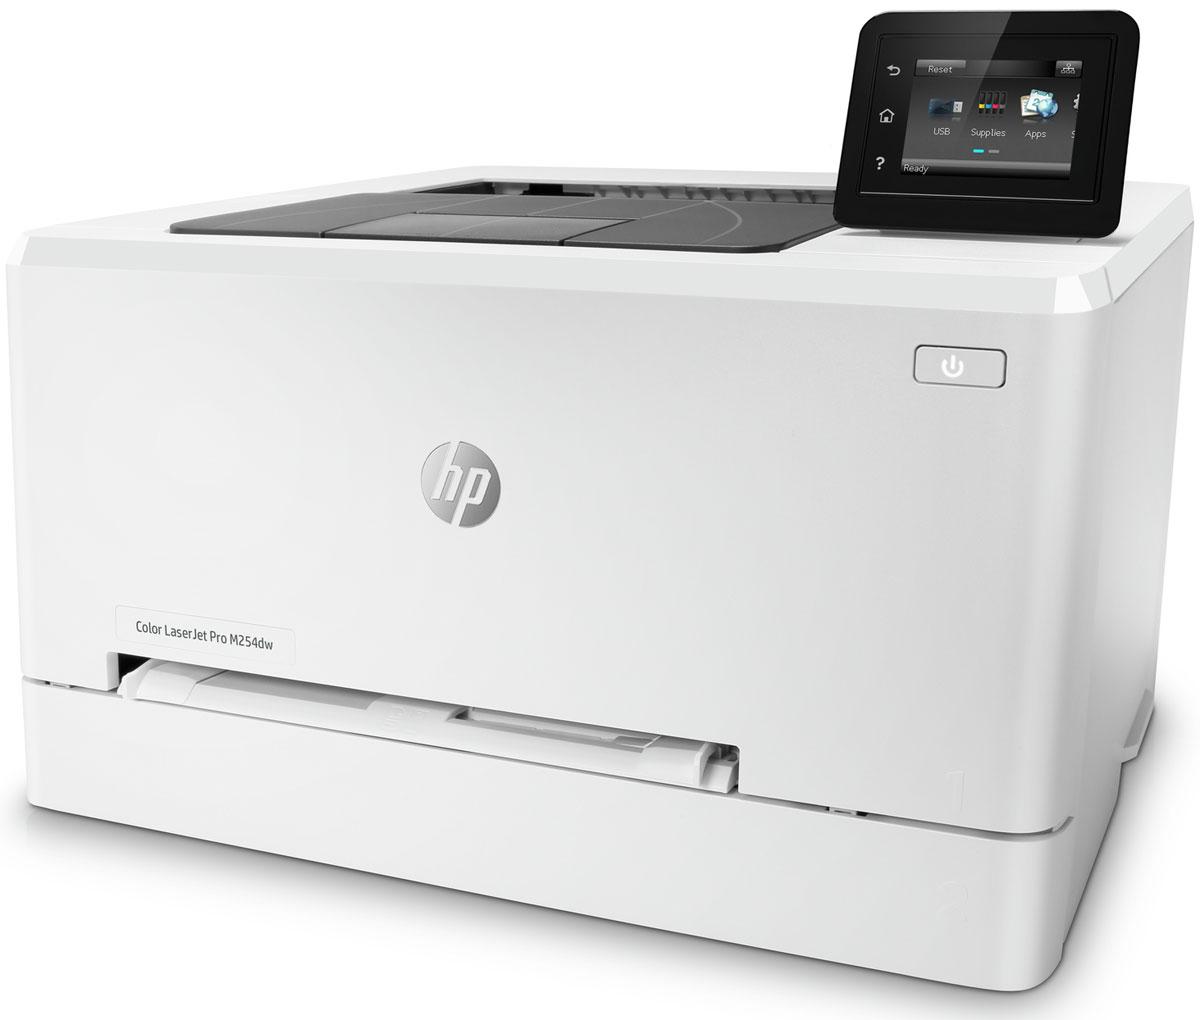 HP Color LaserJet Pro M254dw принтер принтер hp color laserjet pro m254nw